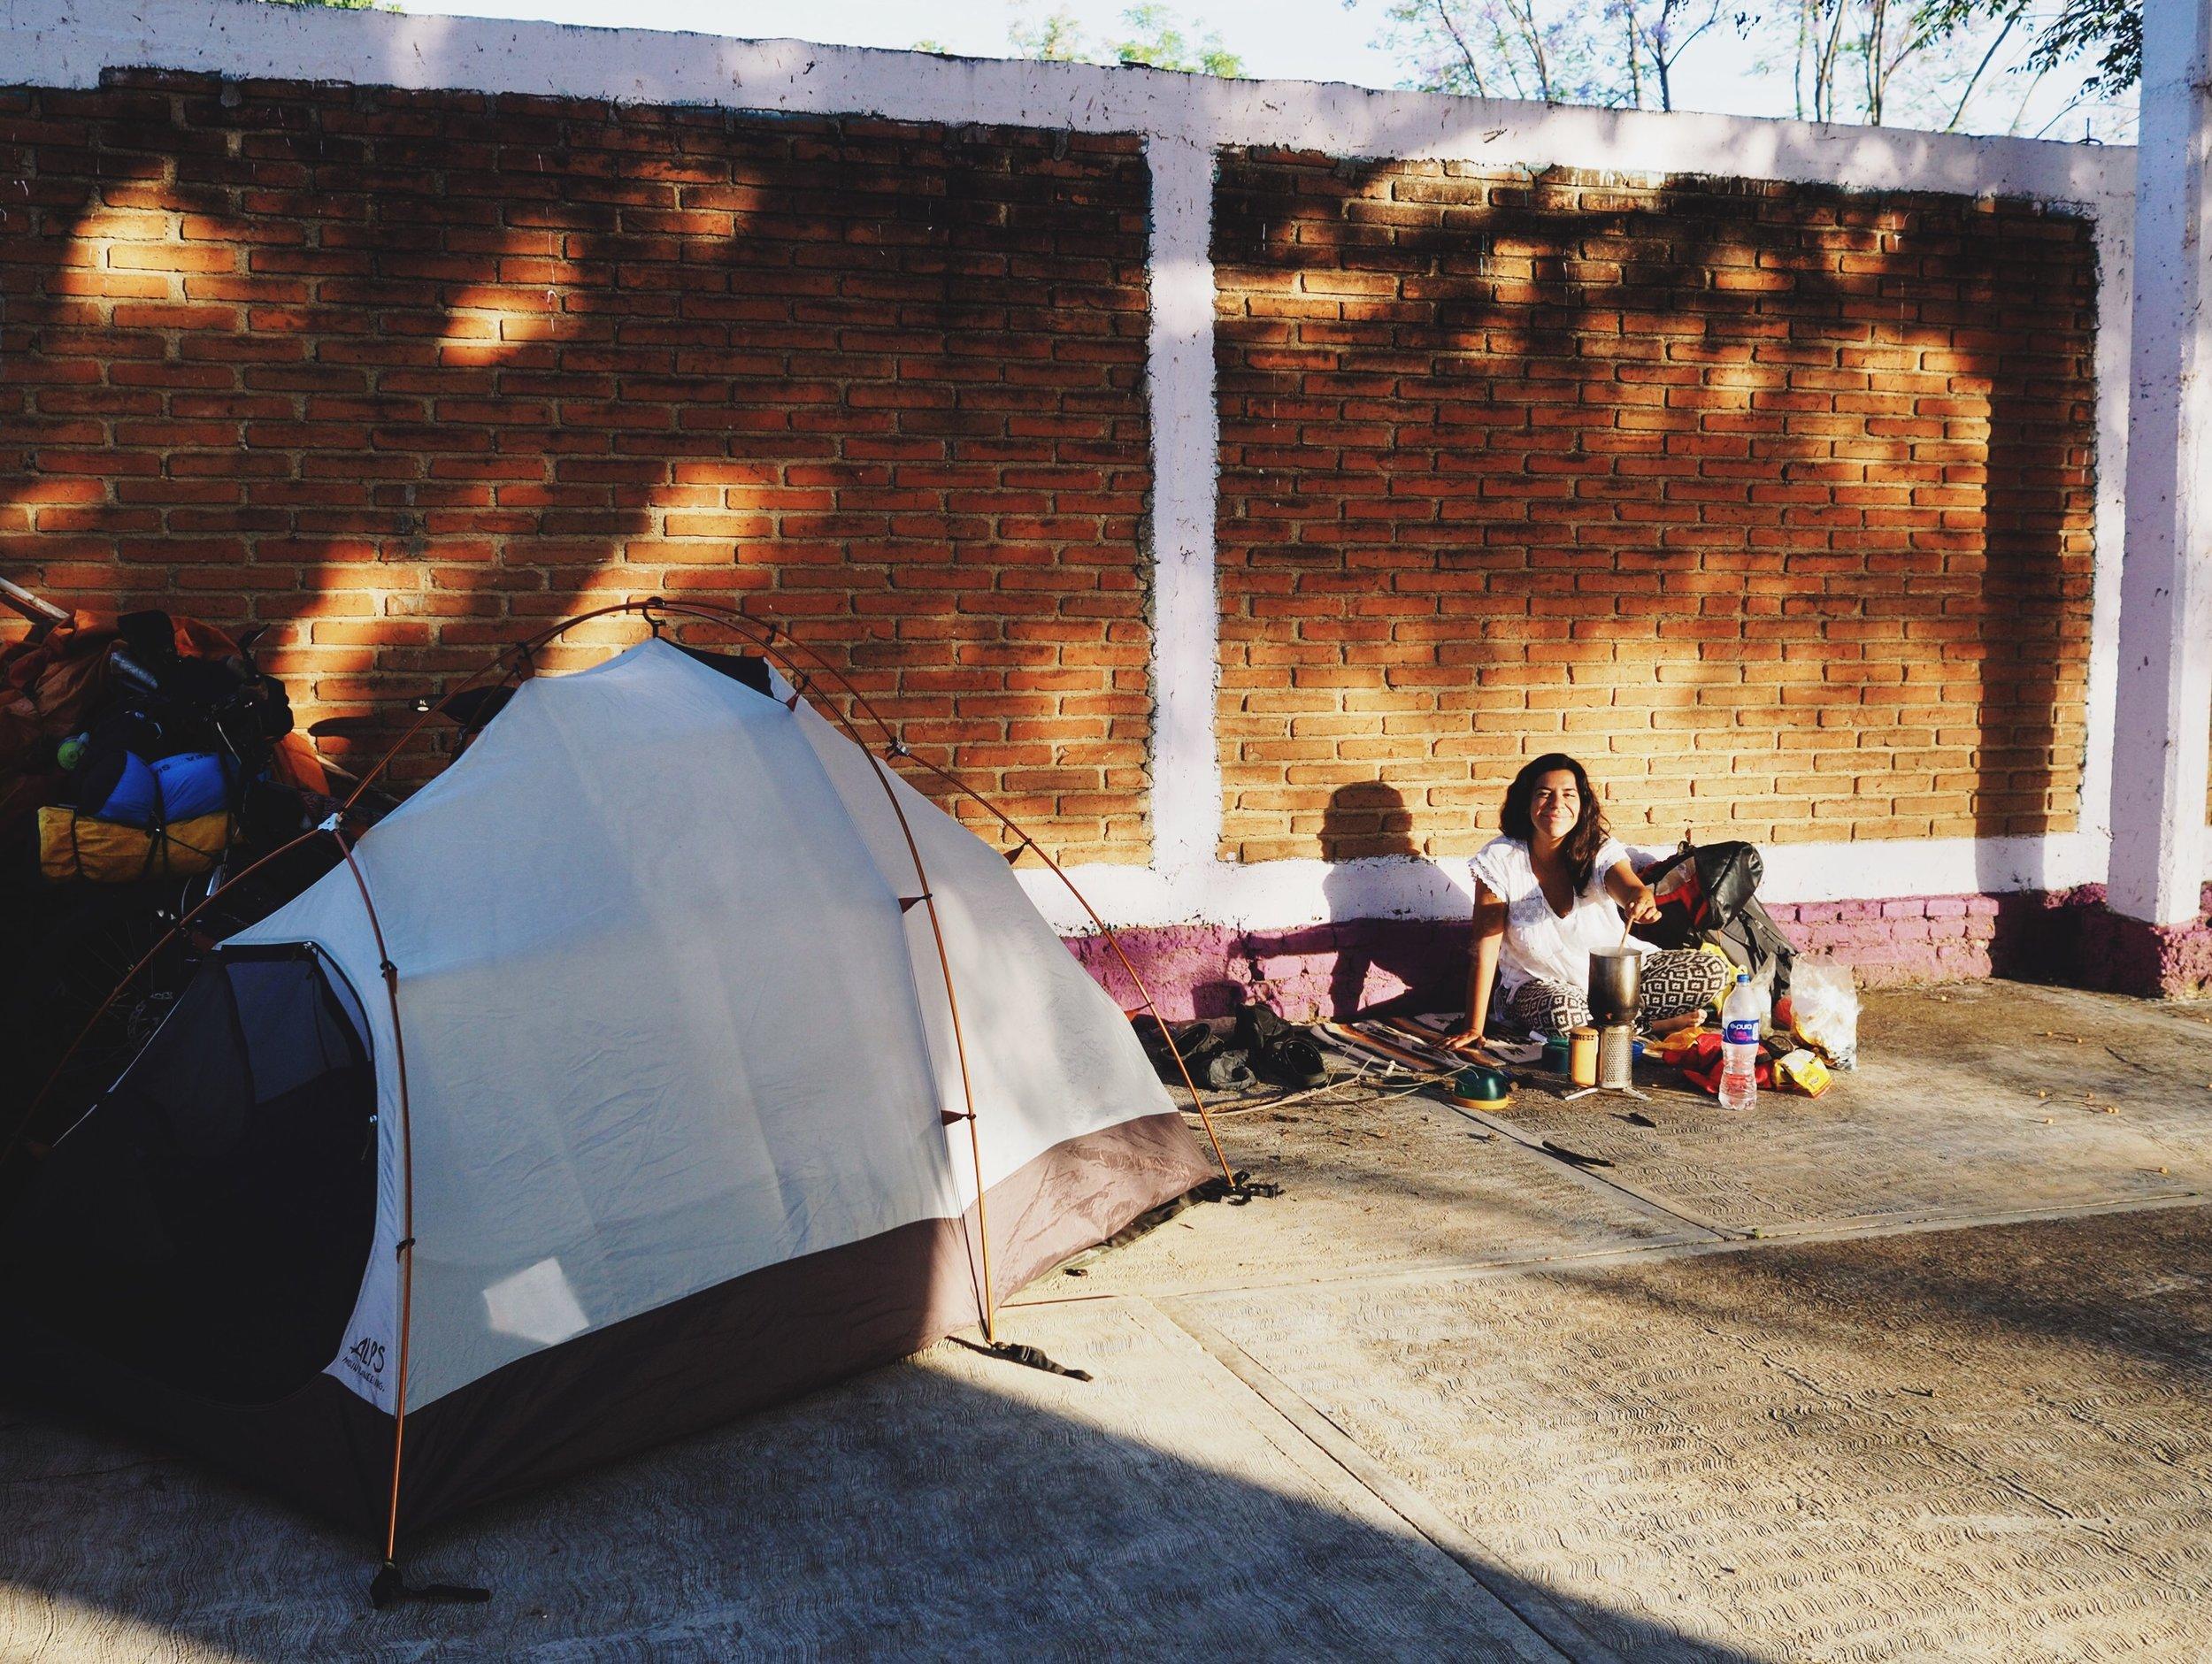 Camping next to the cemetery in Asunción de Ocotlán